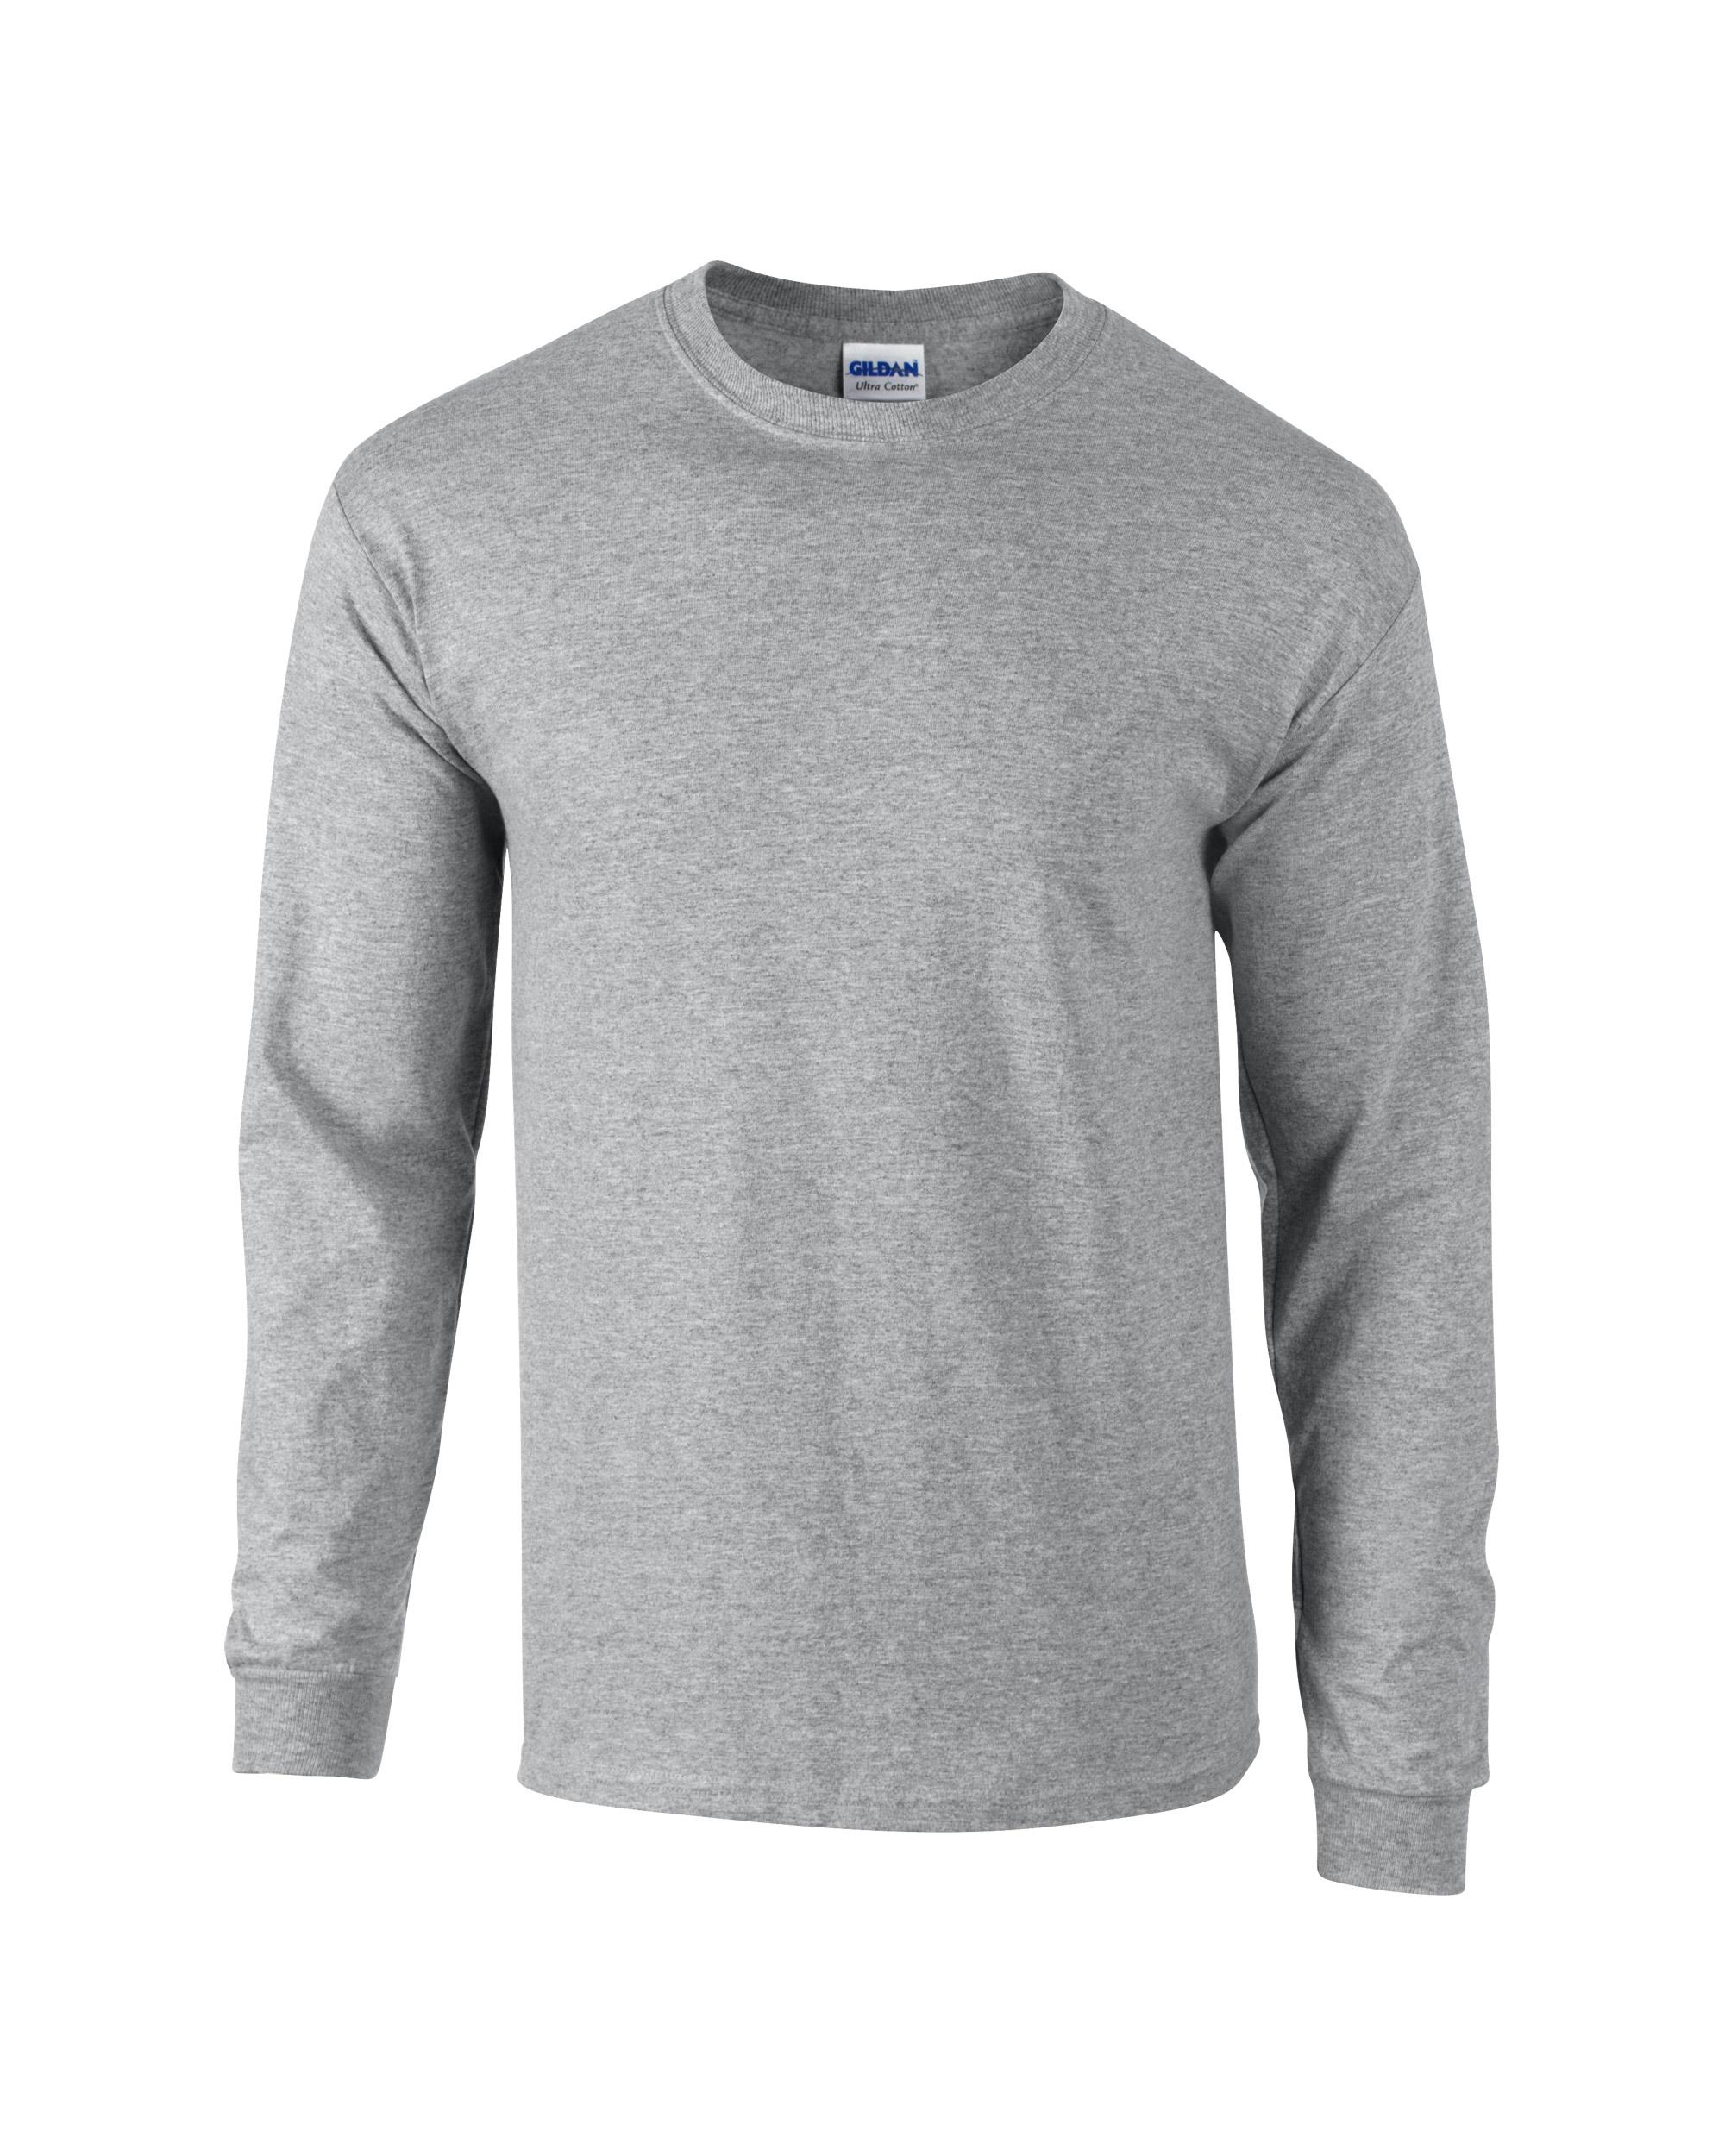 Gildan Adult Unisex Ultra Cotton Long Sleeve T Shirt